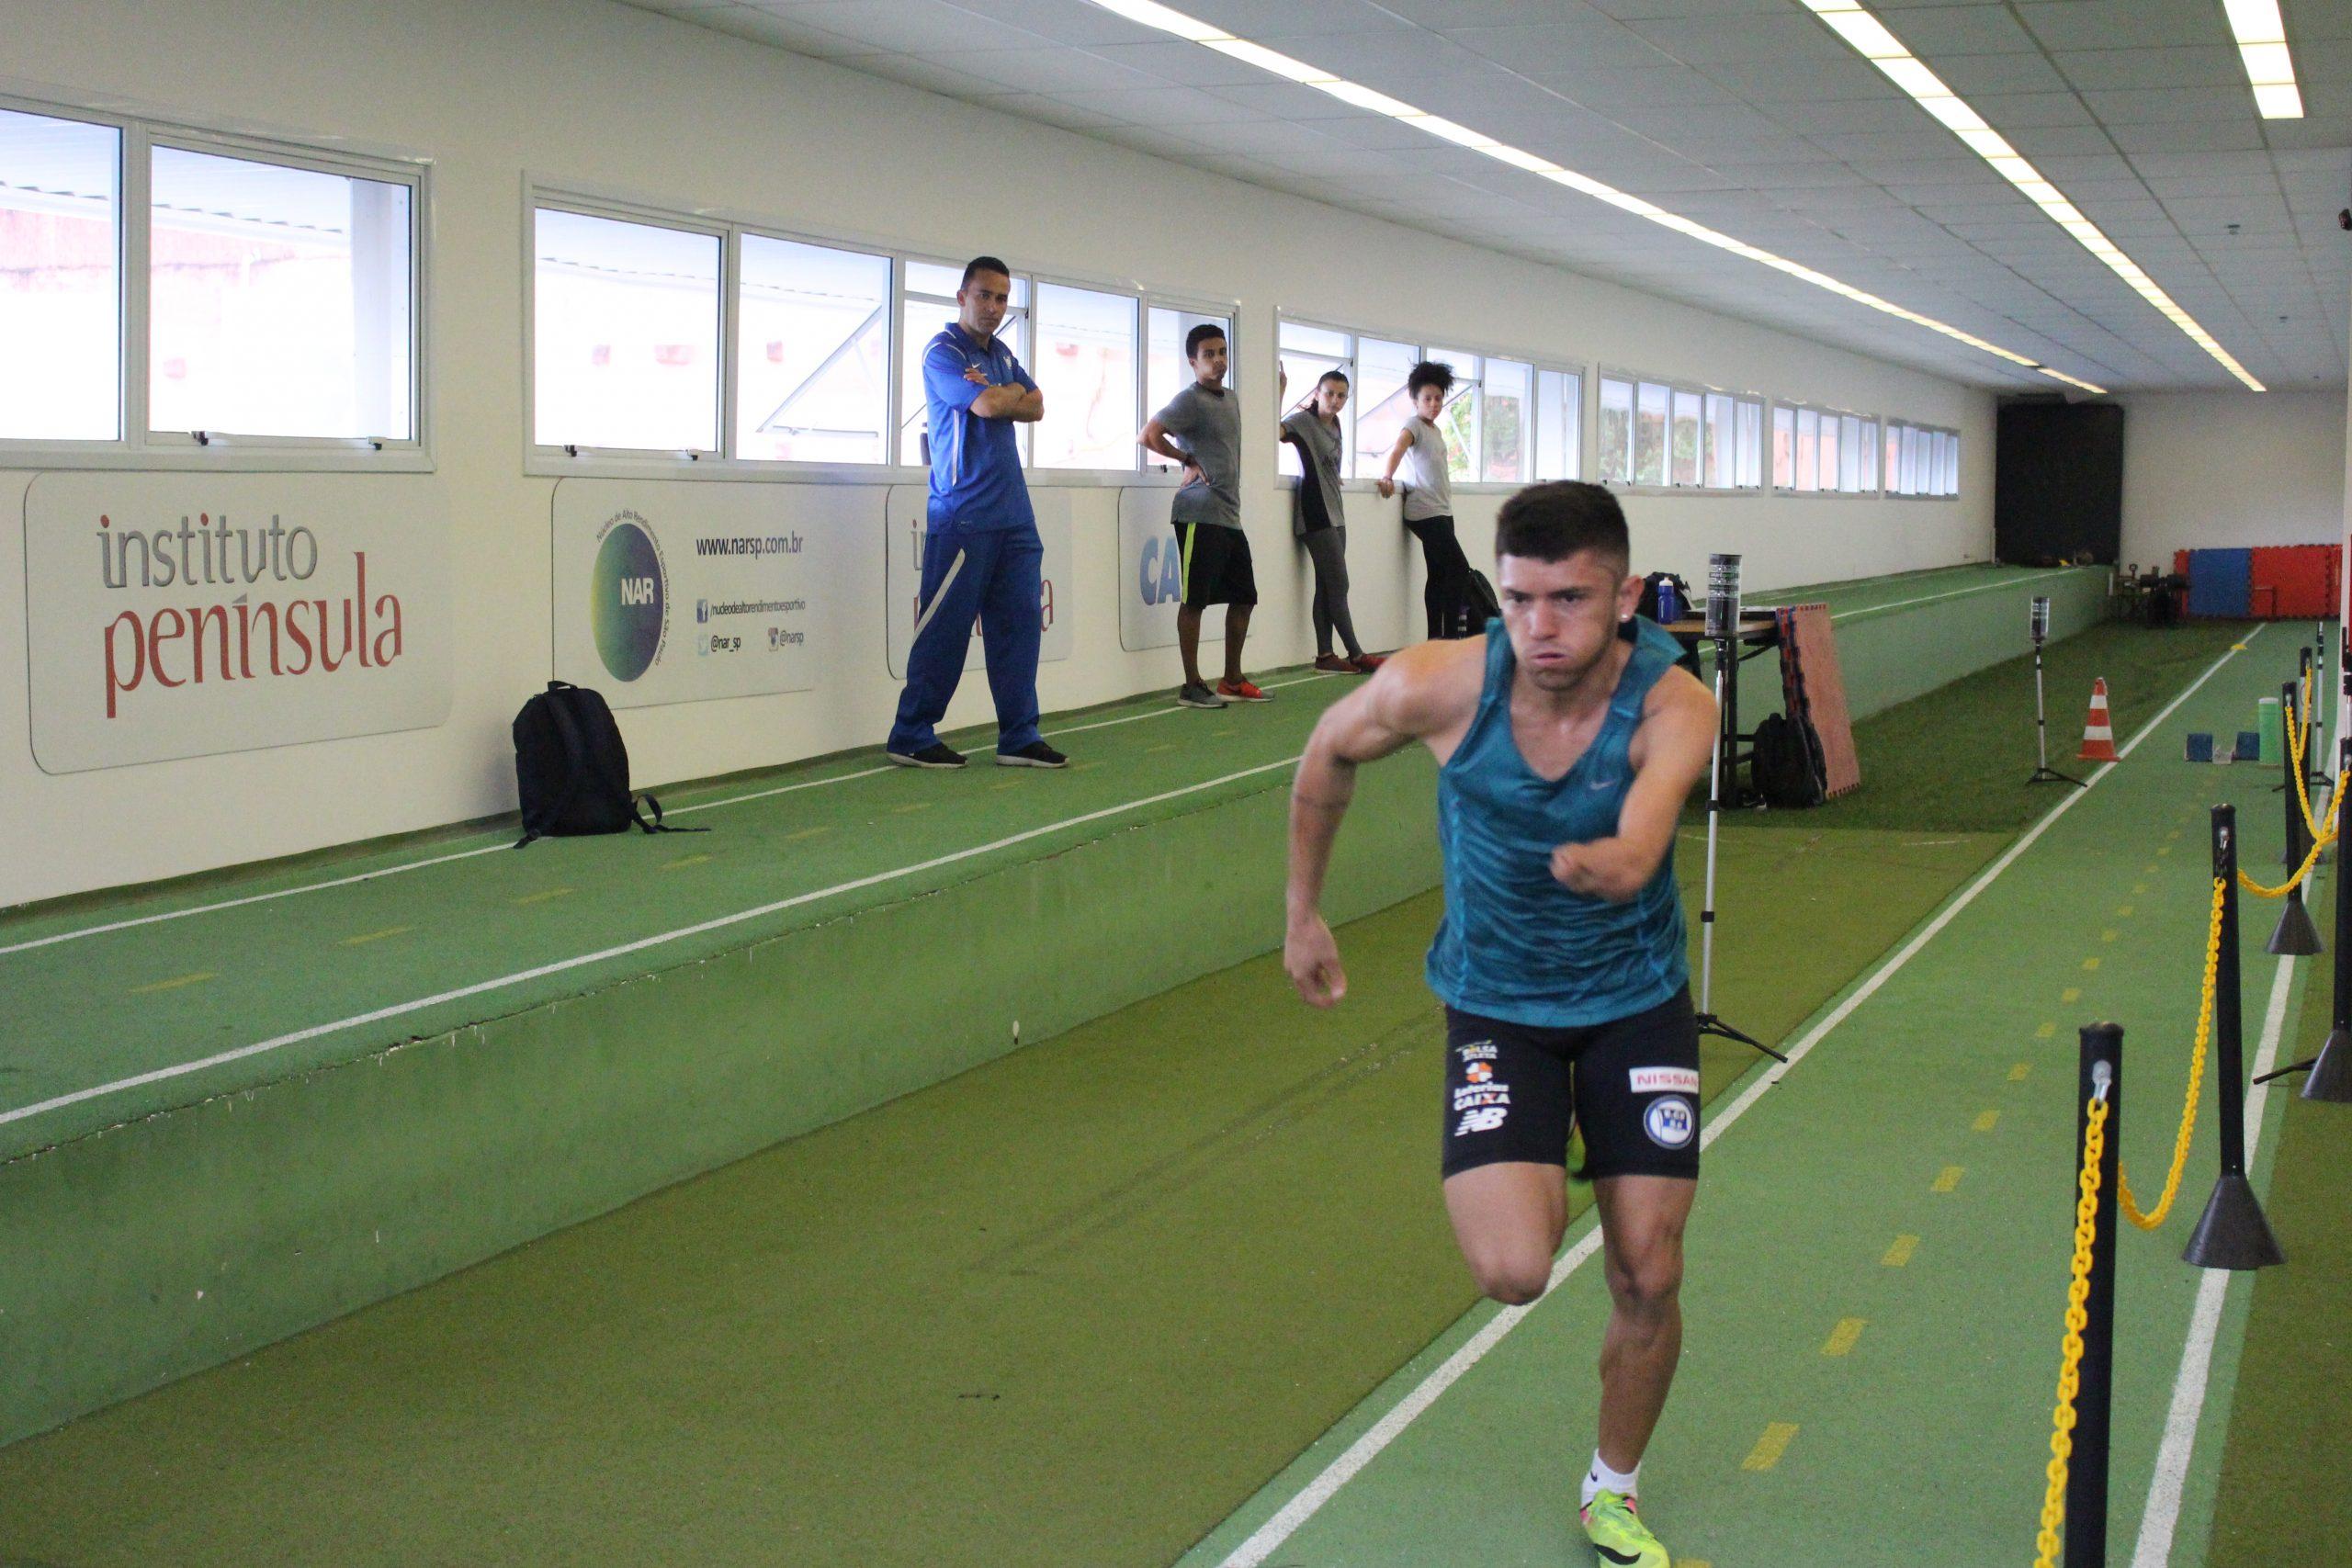 Campeão paralímpico, mundial e recordista: qual o próximo passo de Petrúcio Ferreira?